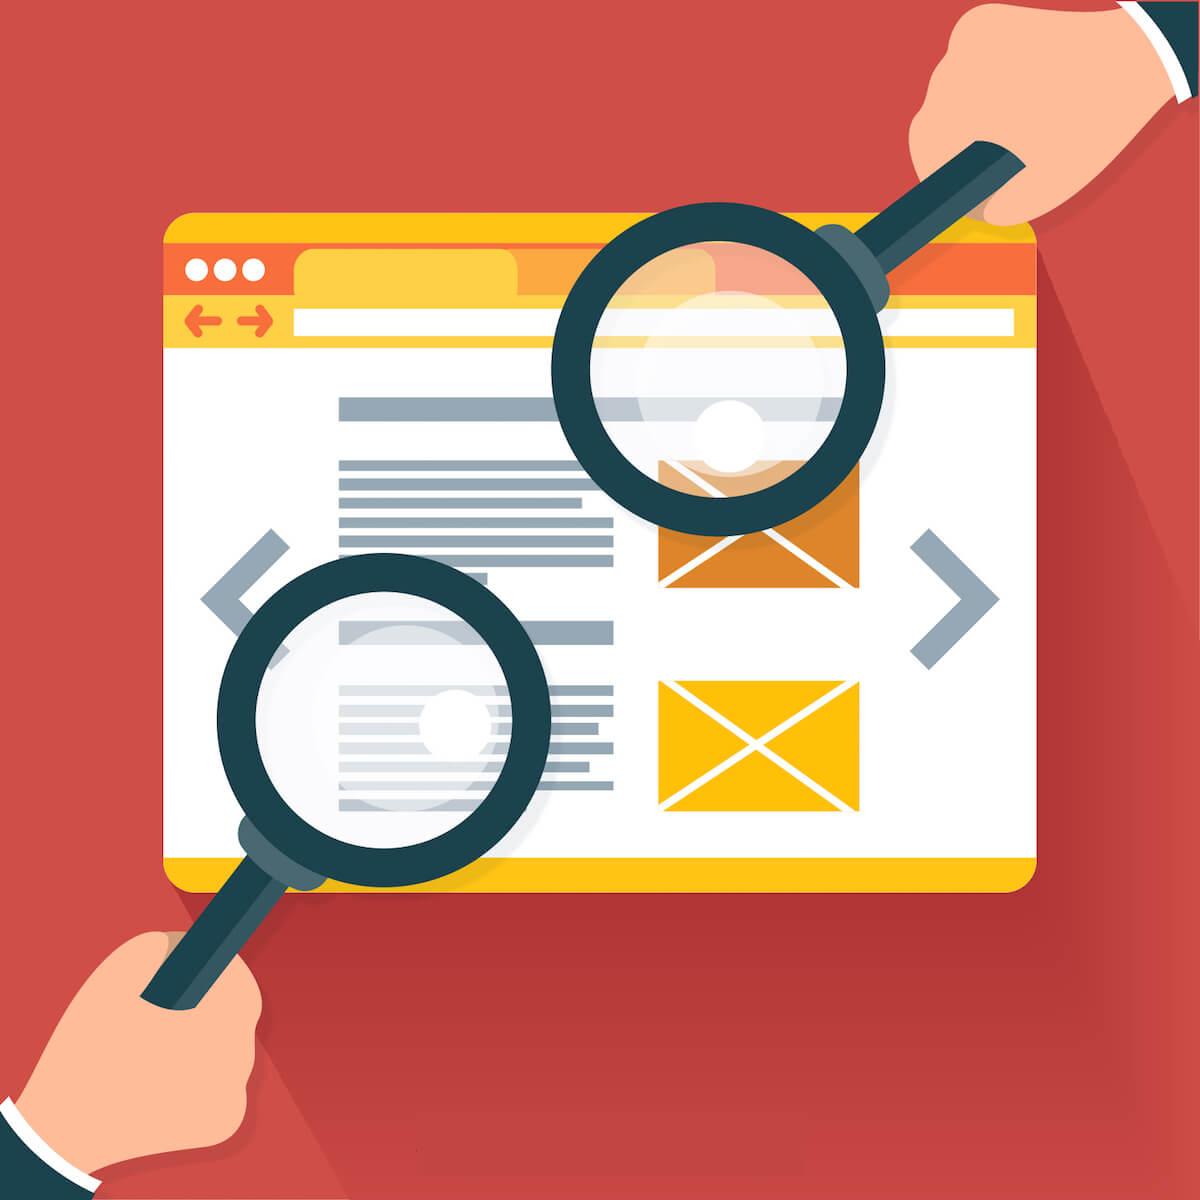 Utiliser AdWords à la place du référencement naturel (SEO) ?